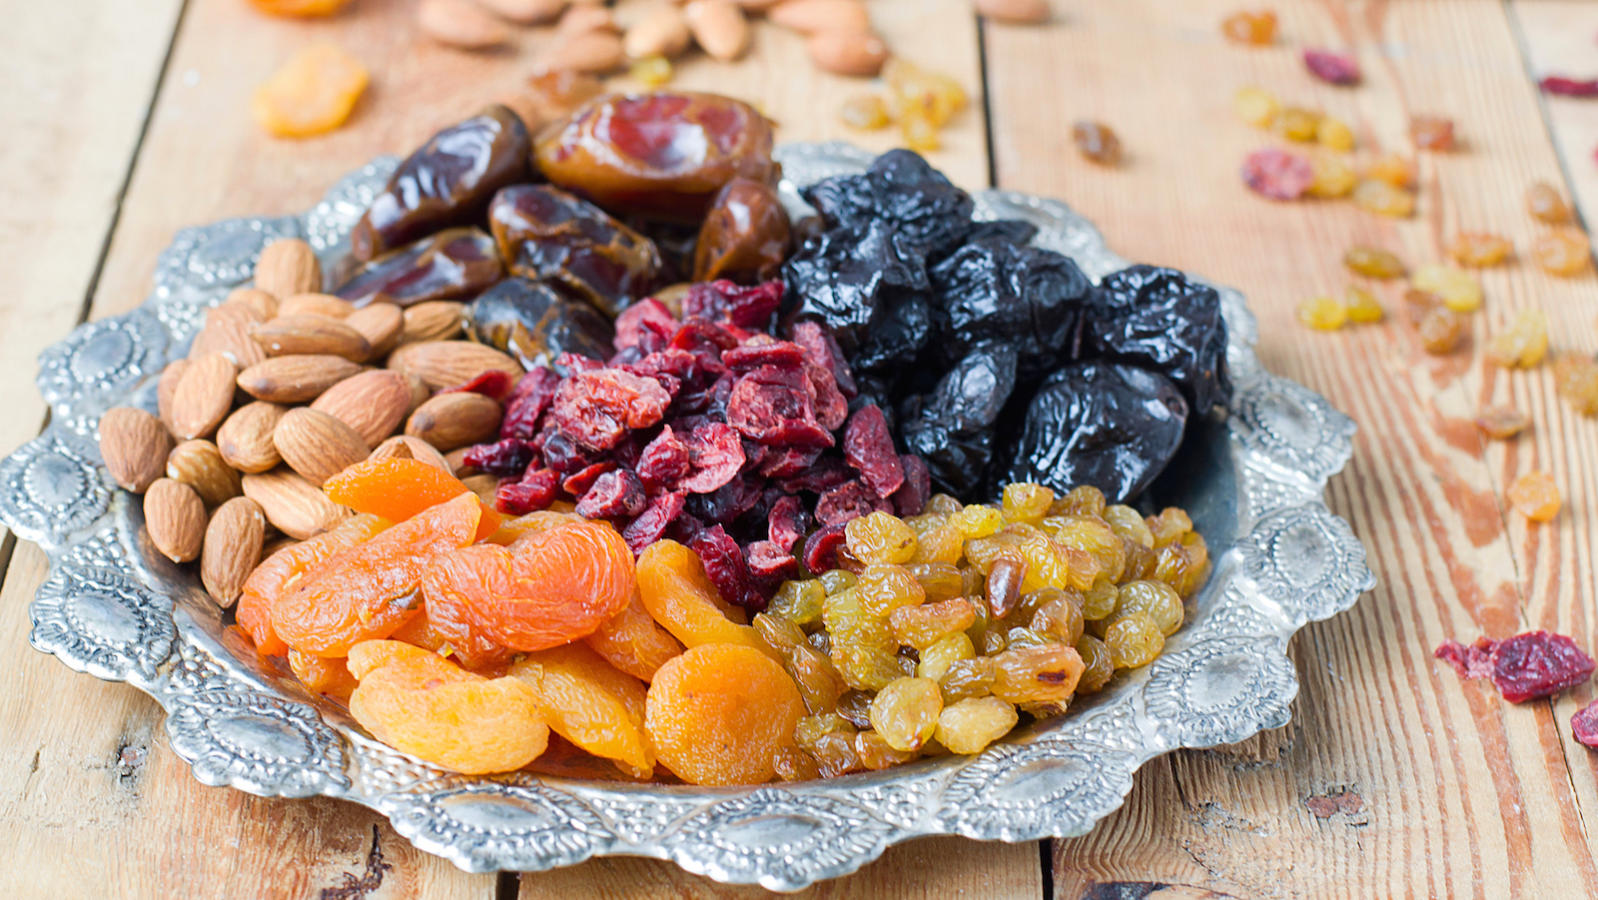 fruit-nuts-tu-bshevat-1598x900.jpg